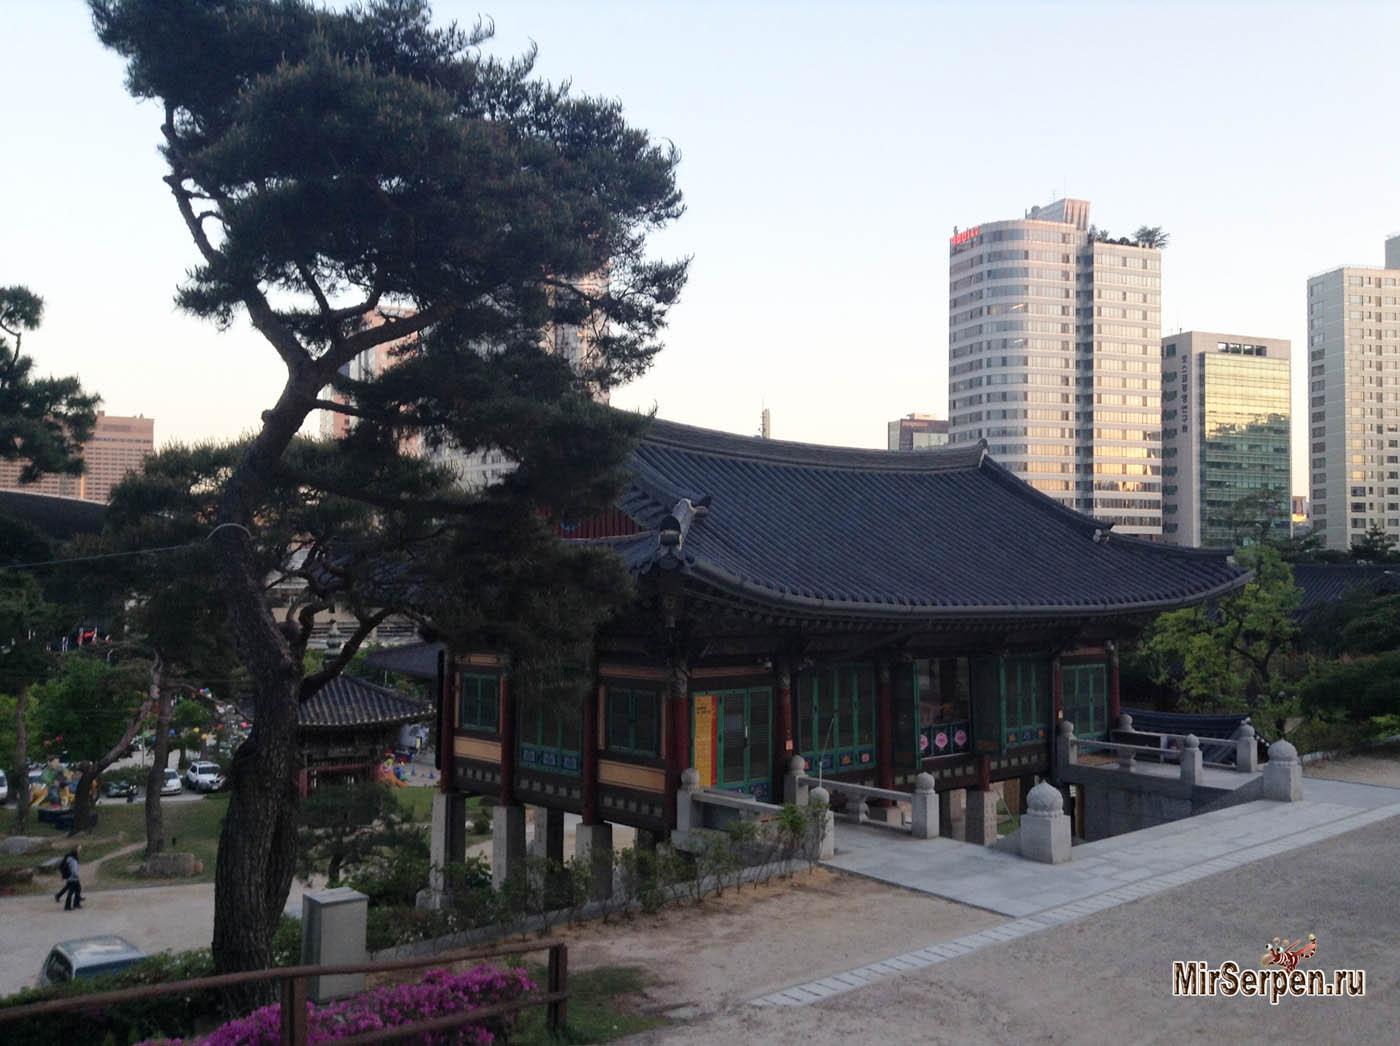 Photo of Поездка в страну мечты, Сеул, май 2016